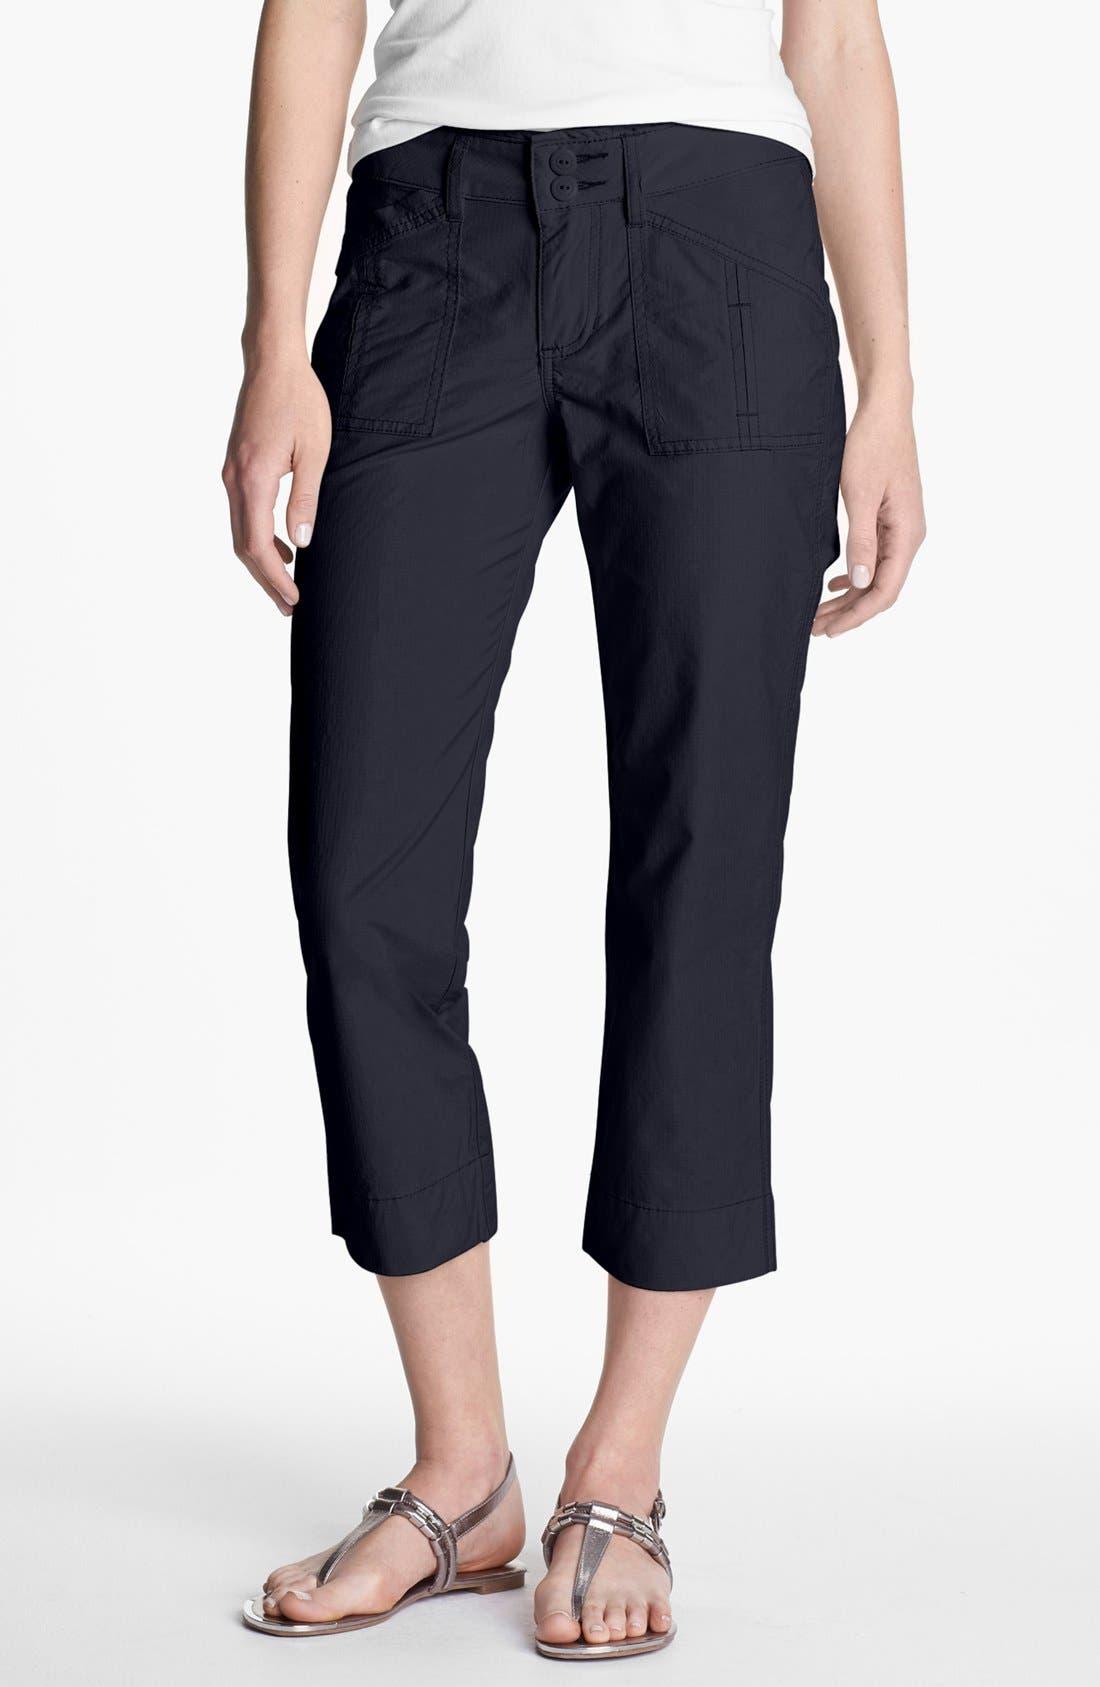 Alternate Image 1 Selected - Jag Jeans 'Ennis' Crop Pants (Petite)